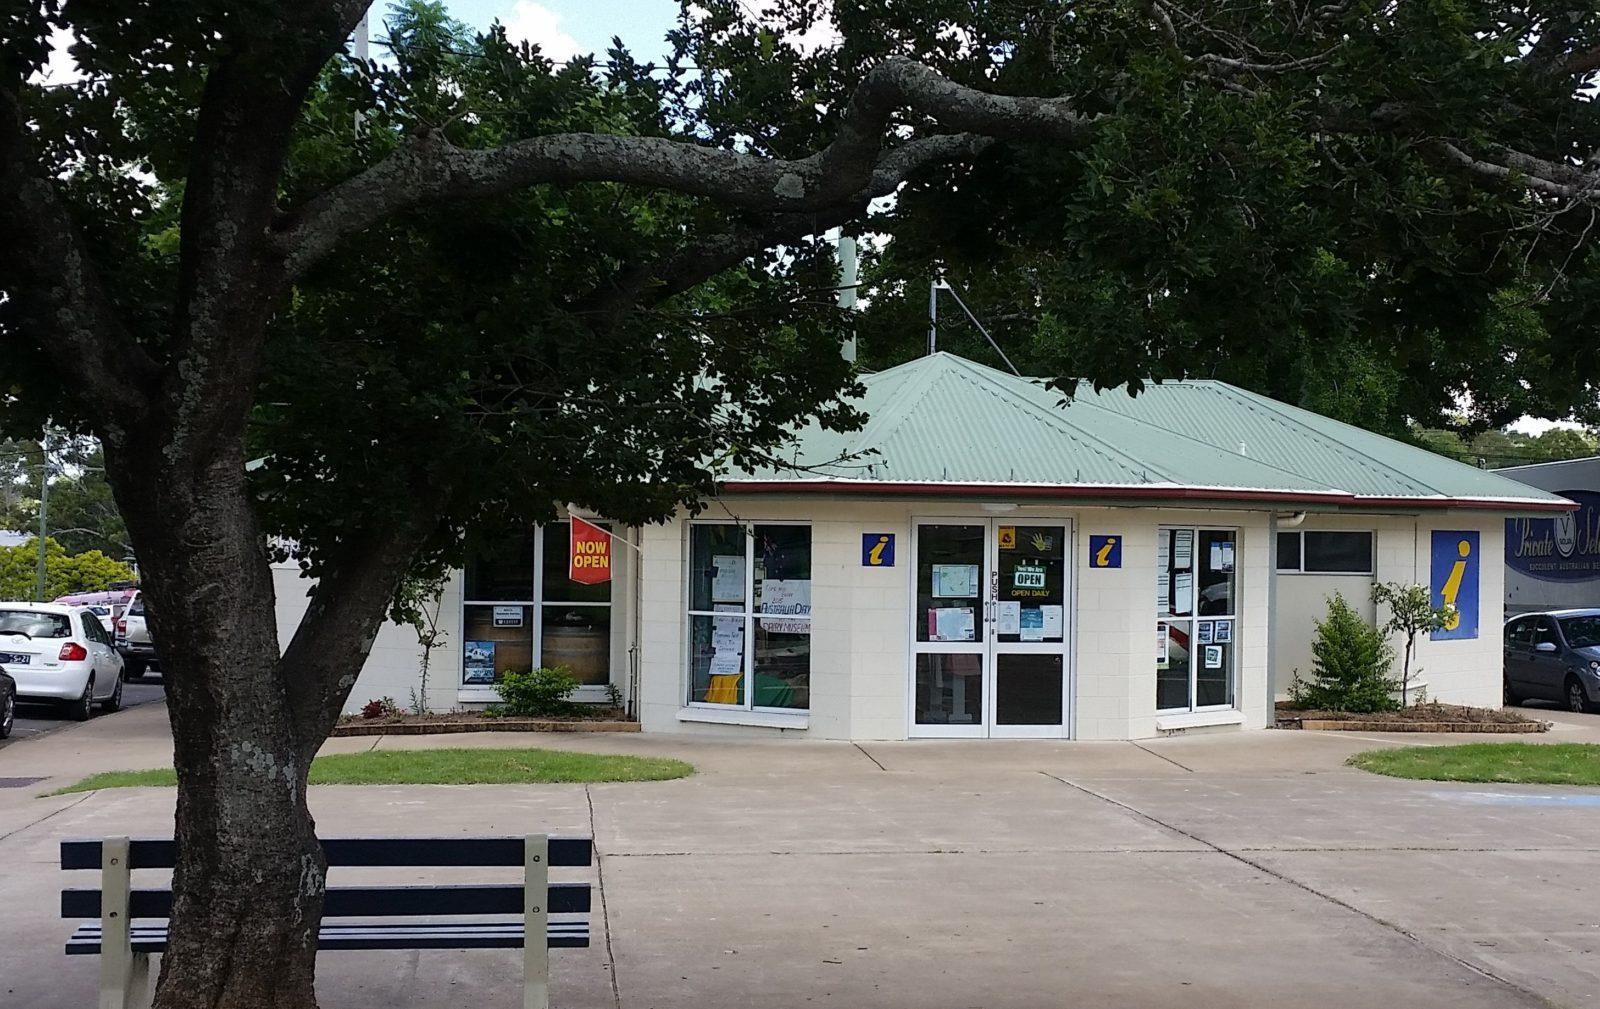 South Burnett Visitors Information Centre - Murgon